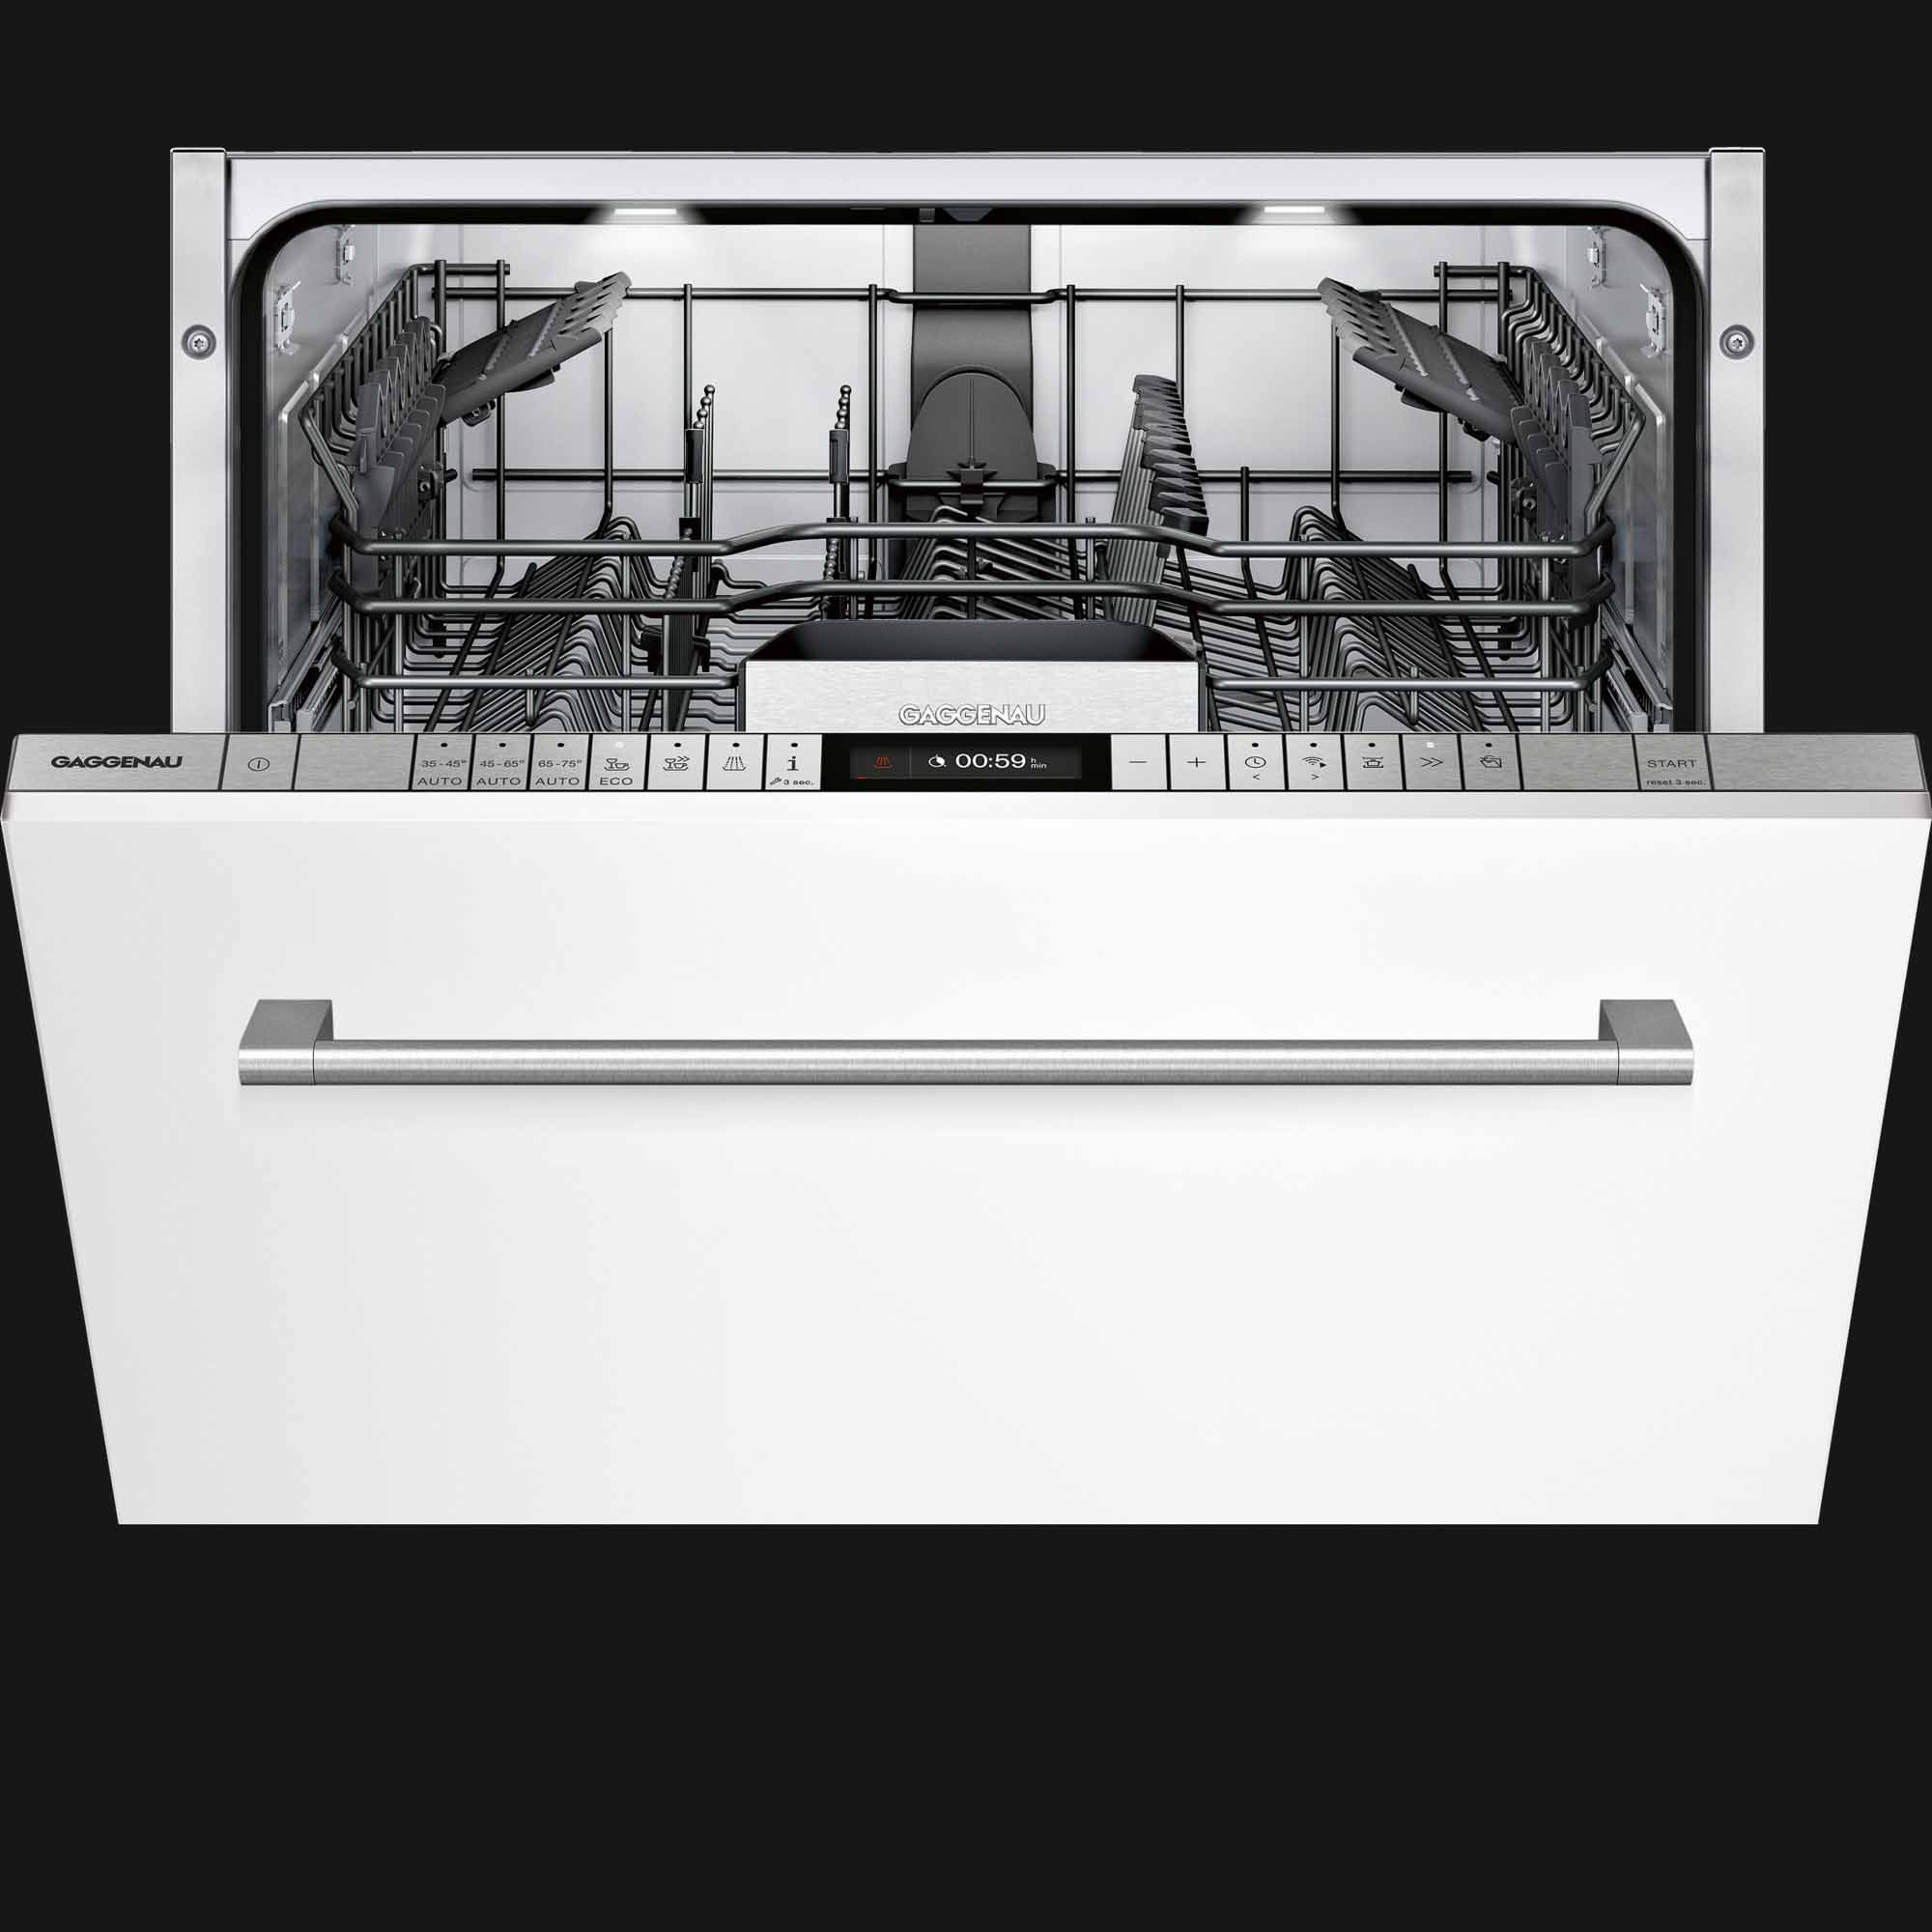 Посудомийна машина GAGGENAU DF271160